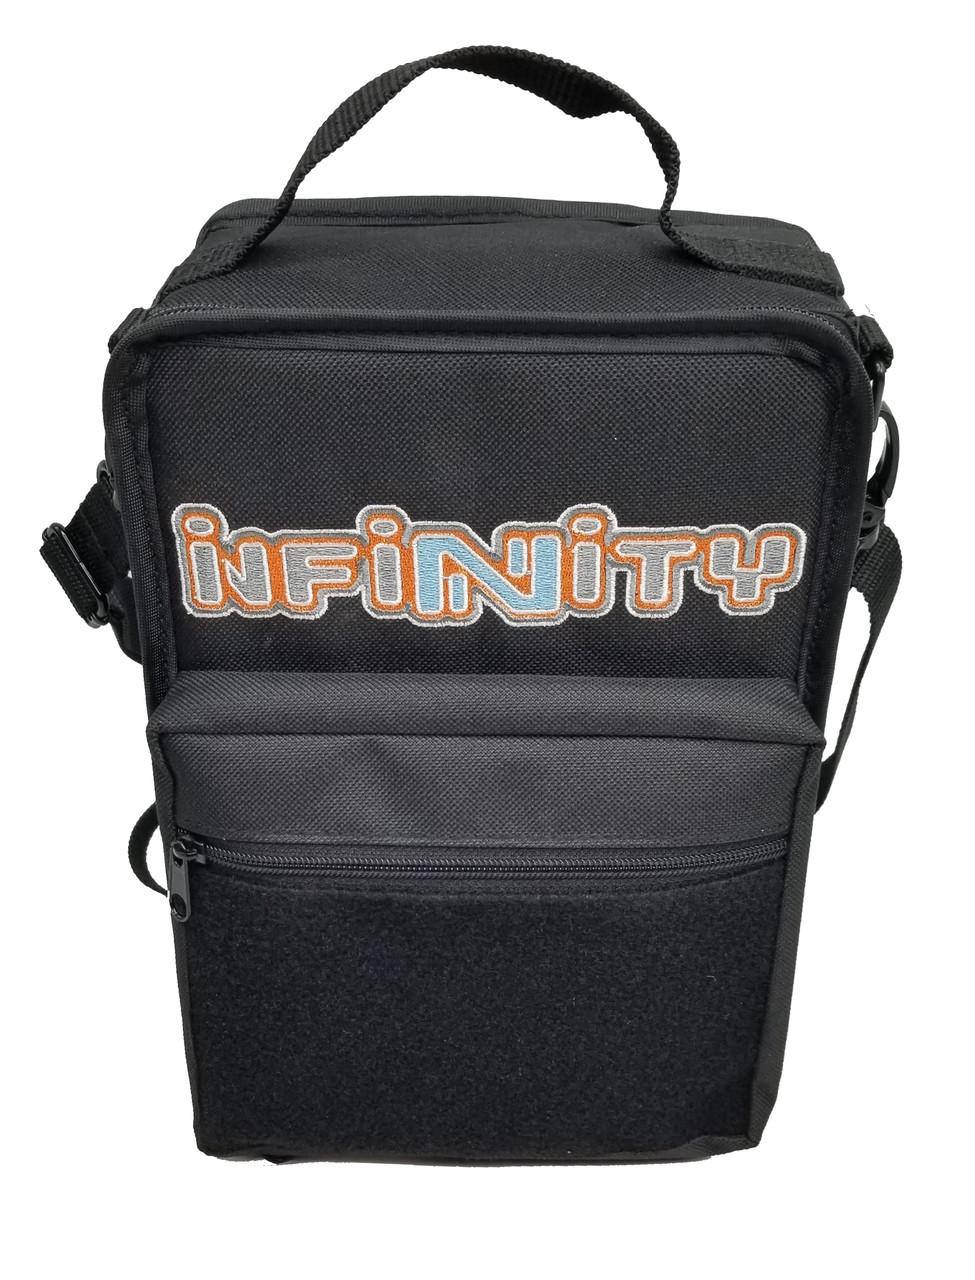 Infinity Beta Bag 2 0 Empty Battle Foam Aristeia & infinity small bags? battle foam